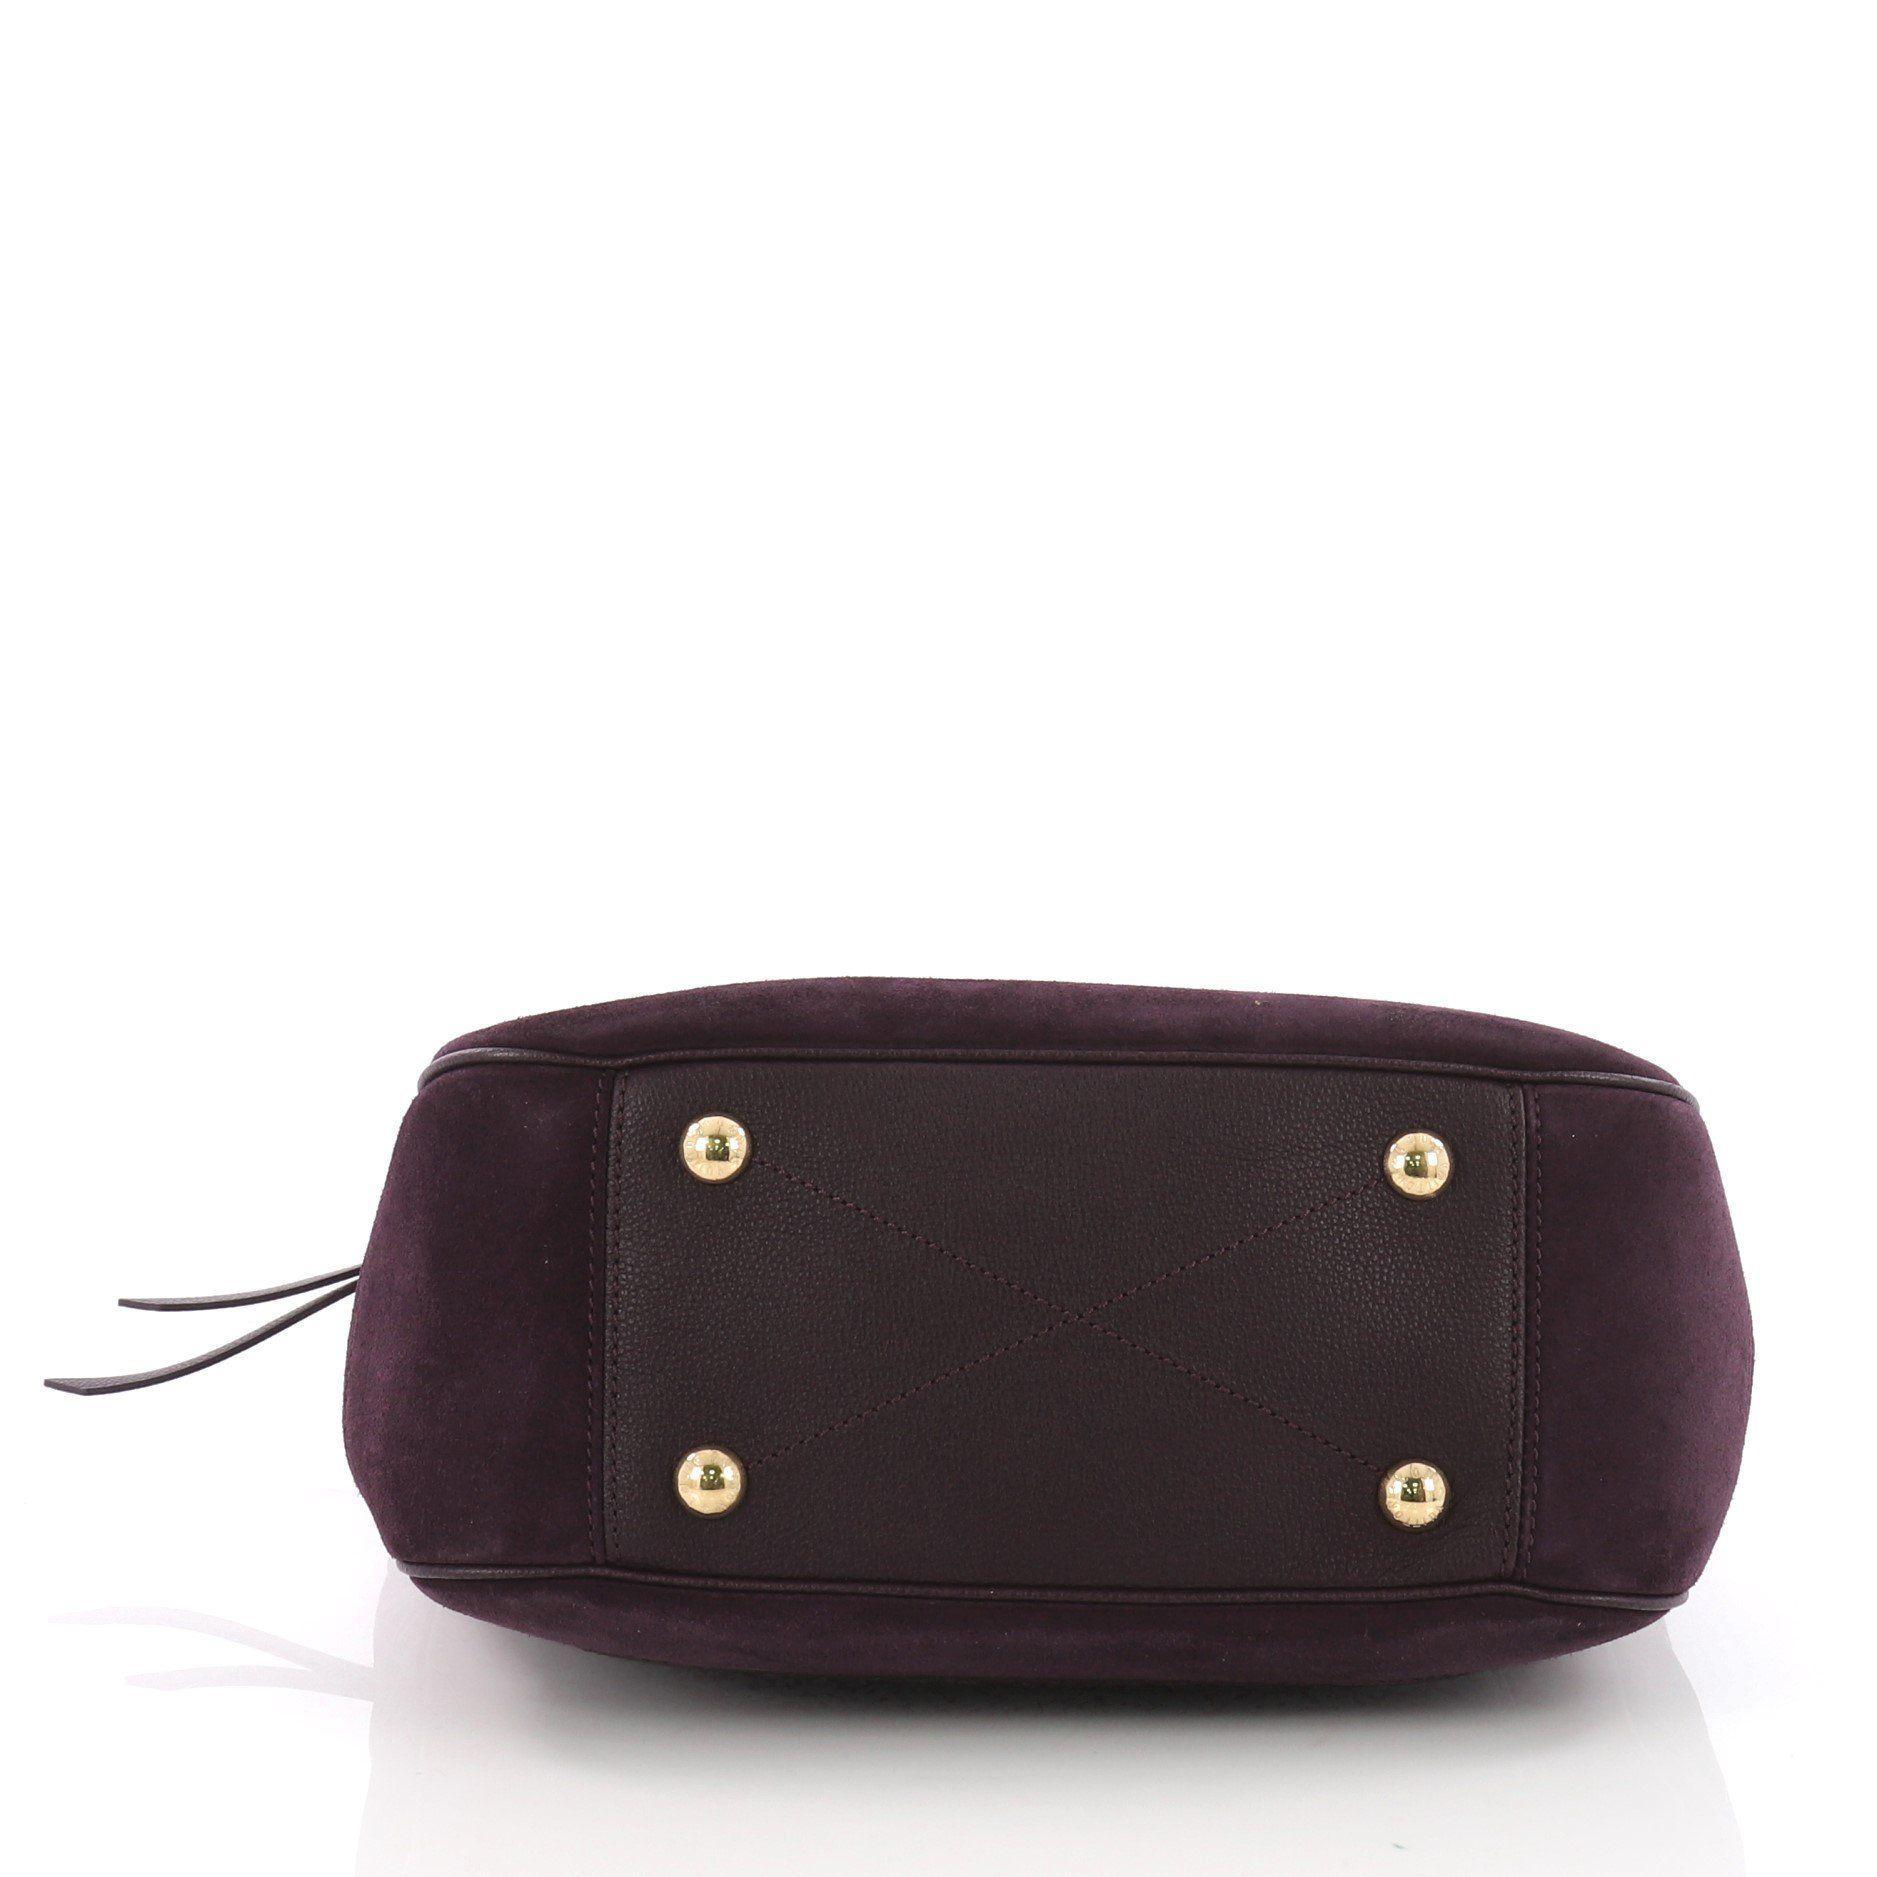 Louis Vuitton - Multicolor Pre Owned Audacieuse Handbag Monogram Empreinte  Leather Pm - Lyst. View fullscreen d6665f3bcf913